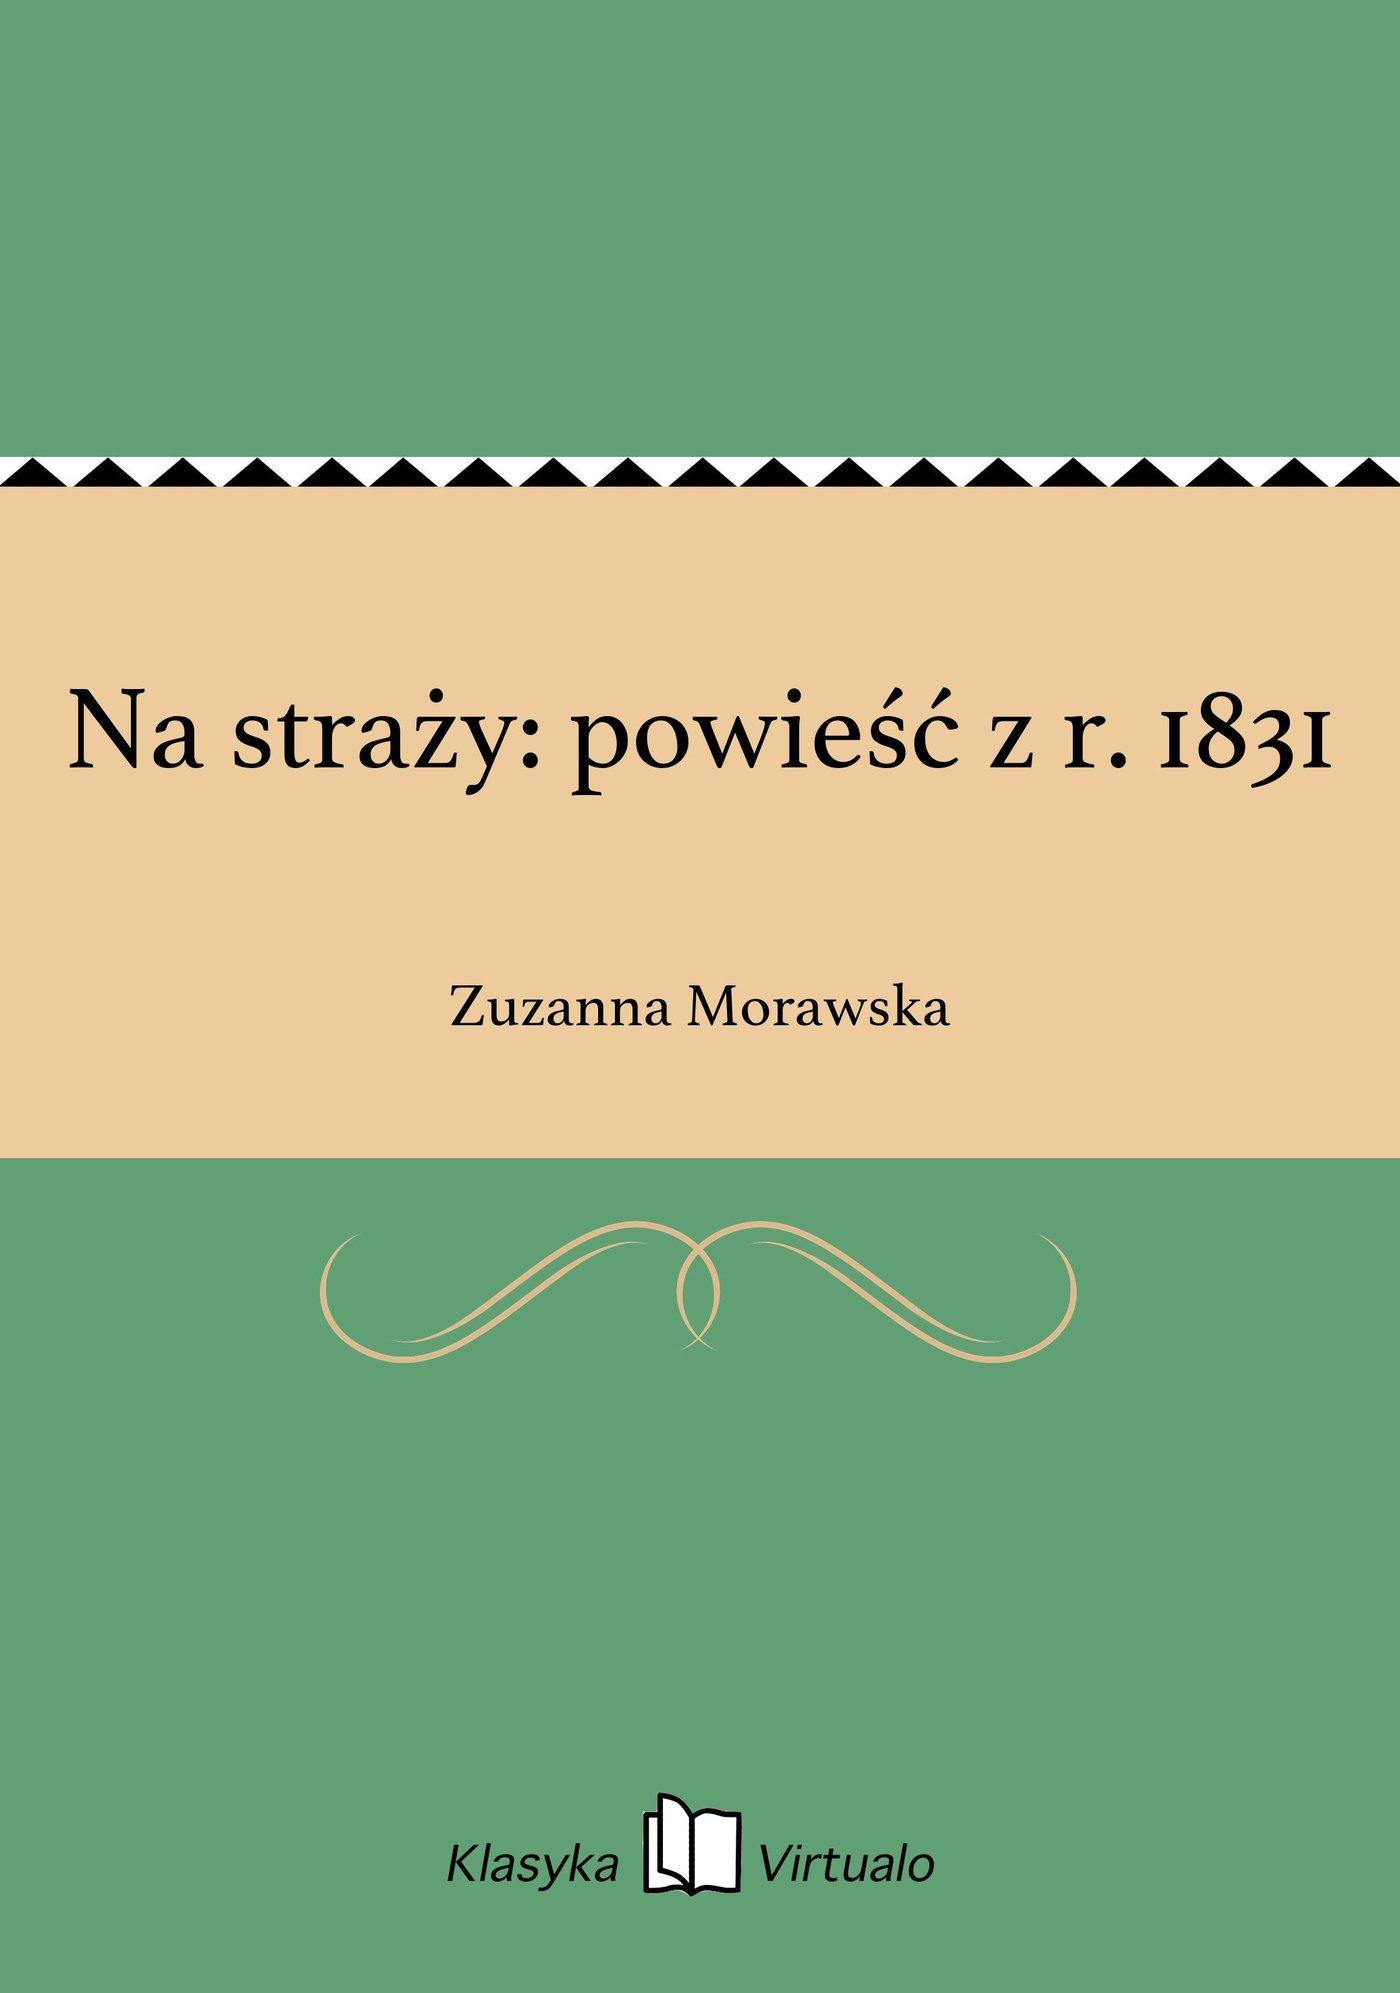 Na straży: powieść z r. 1831 - Ebook (Książka EPUB) do pobrania w formacie EPUB